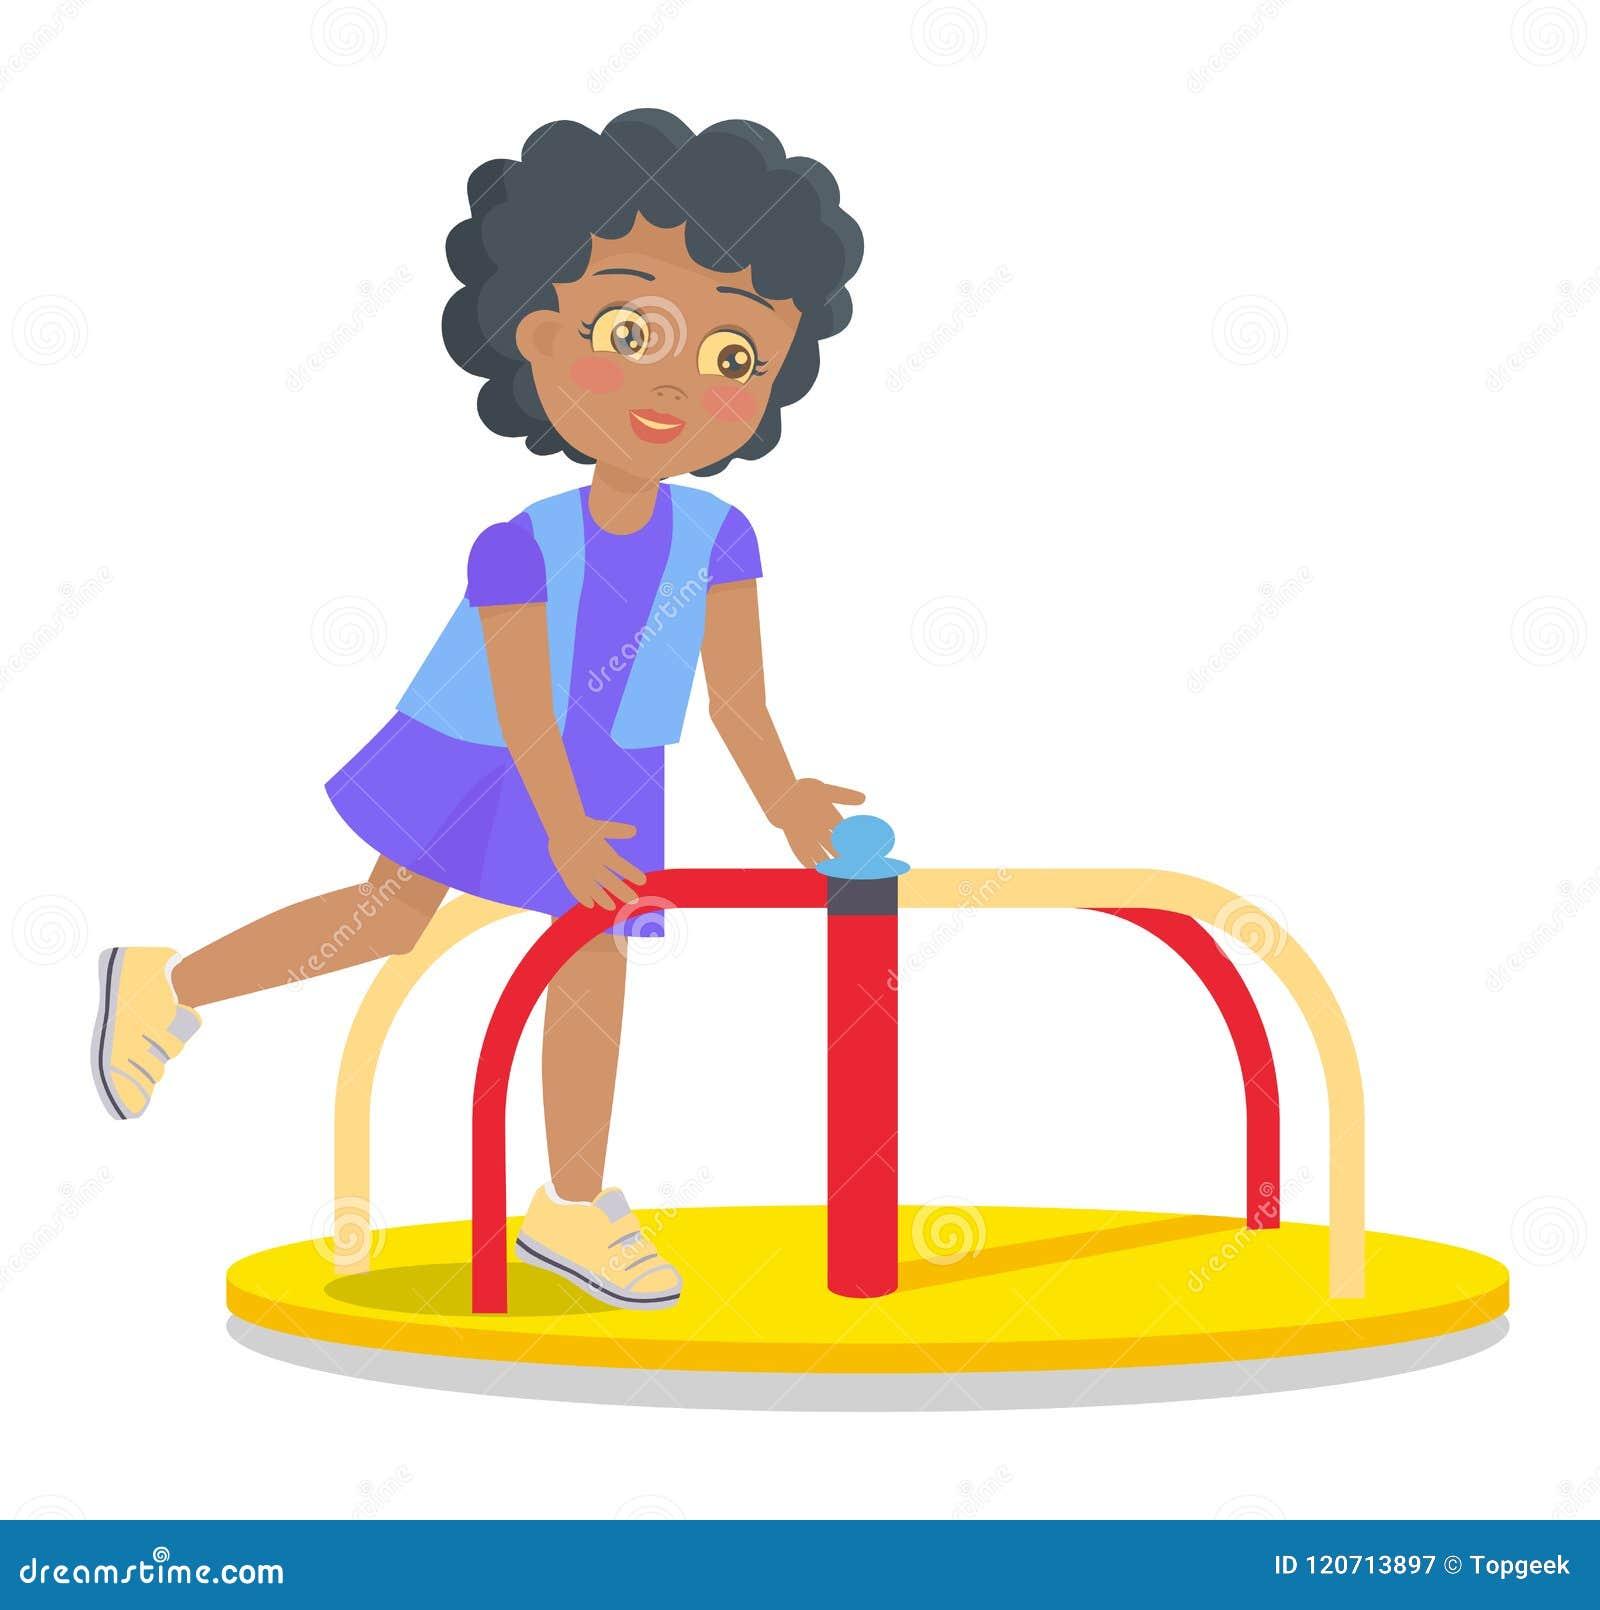 Kołyszący Round Carousel dla dzieci s boiska